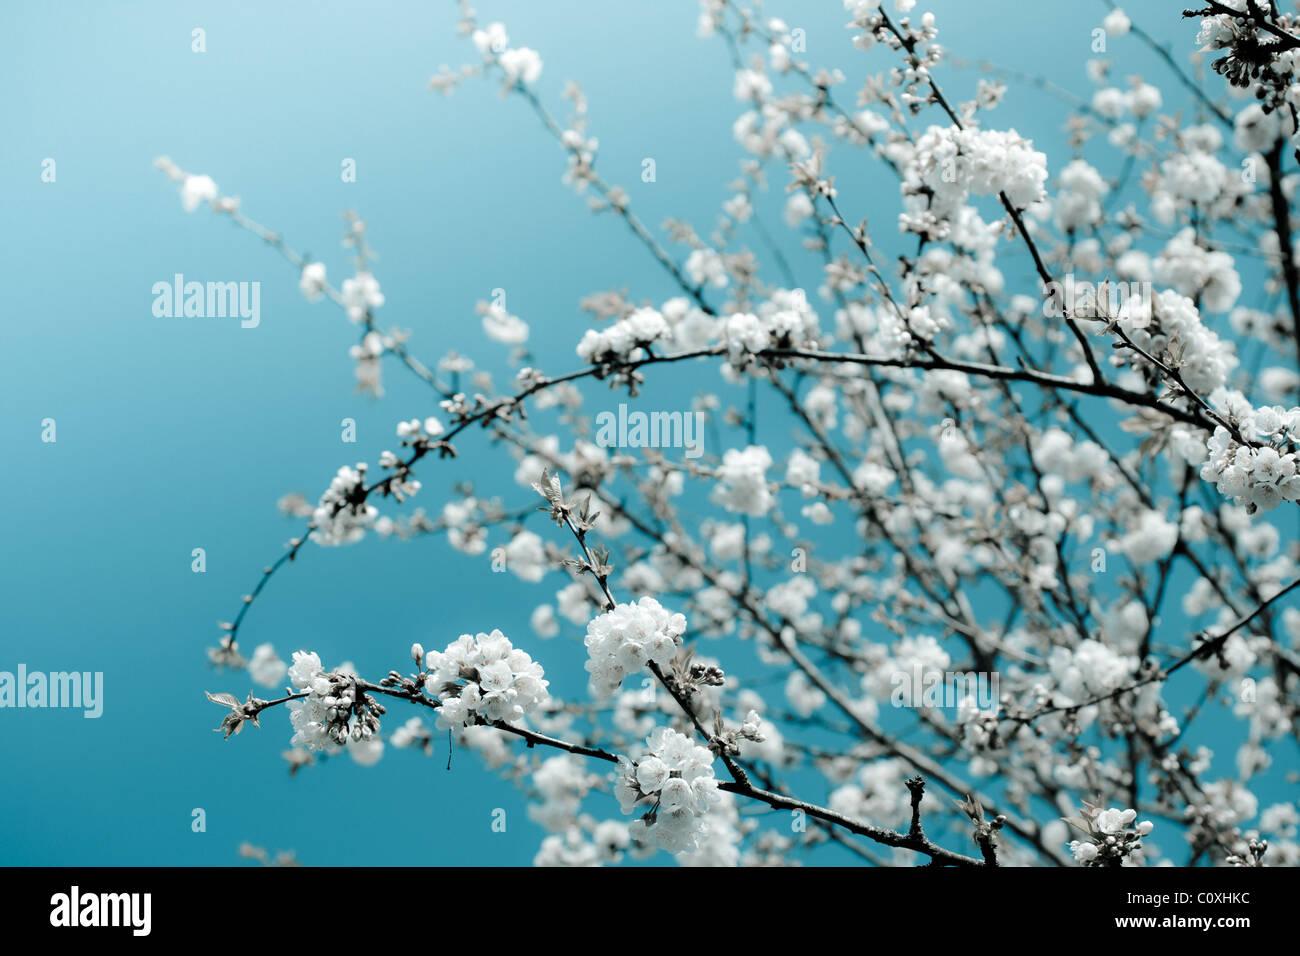 I grappoli di bianco fiori ciliegio contro un vivid blue sky. La natura dello sfondo. Immagini Stock